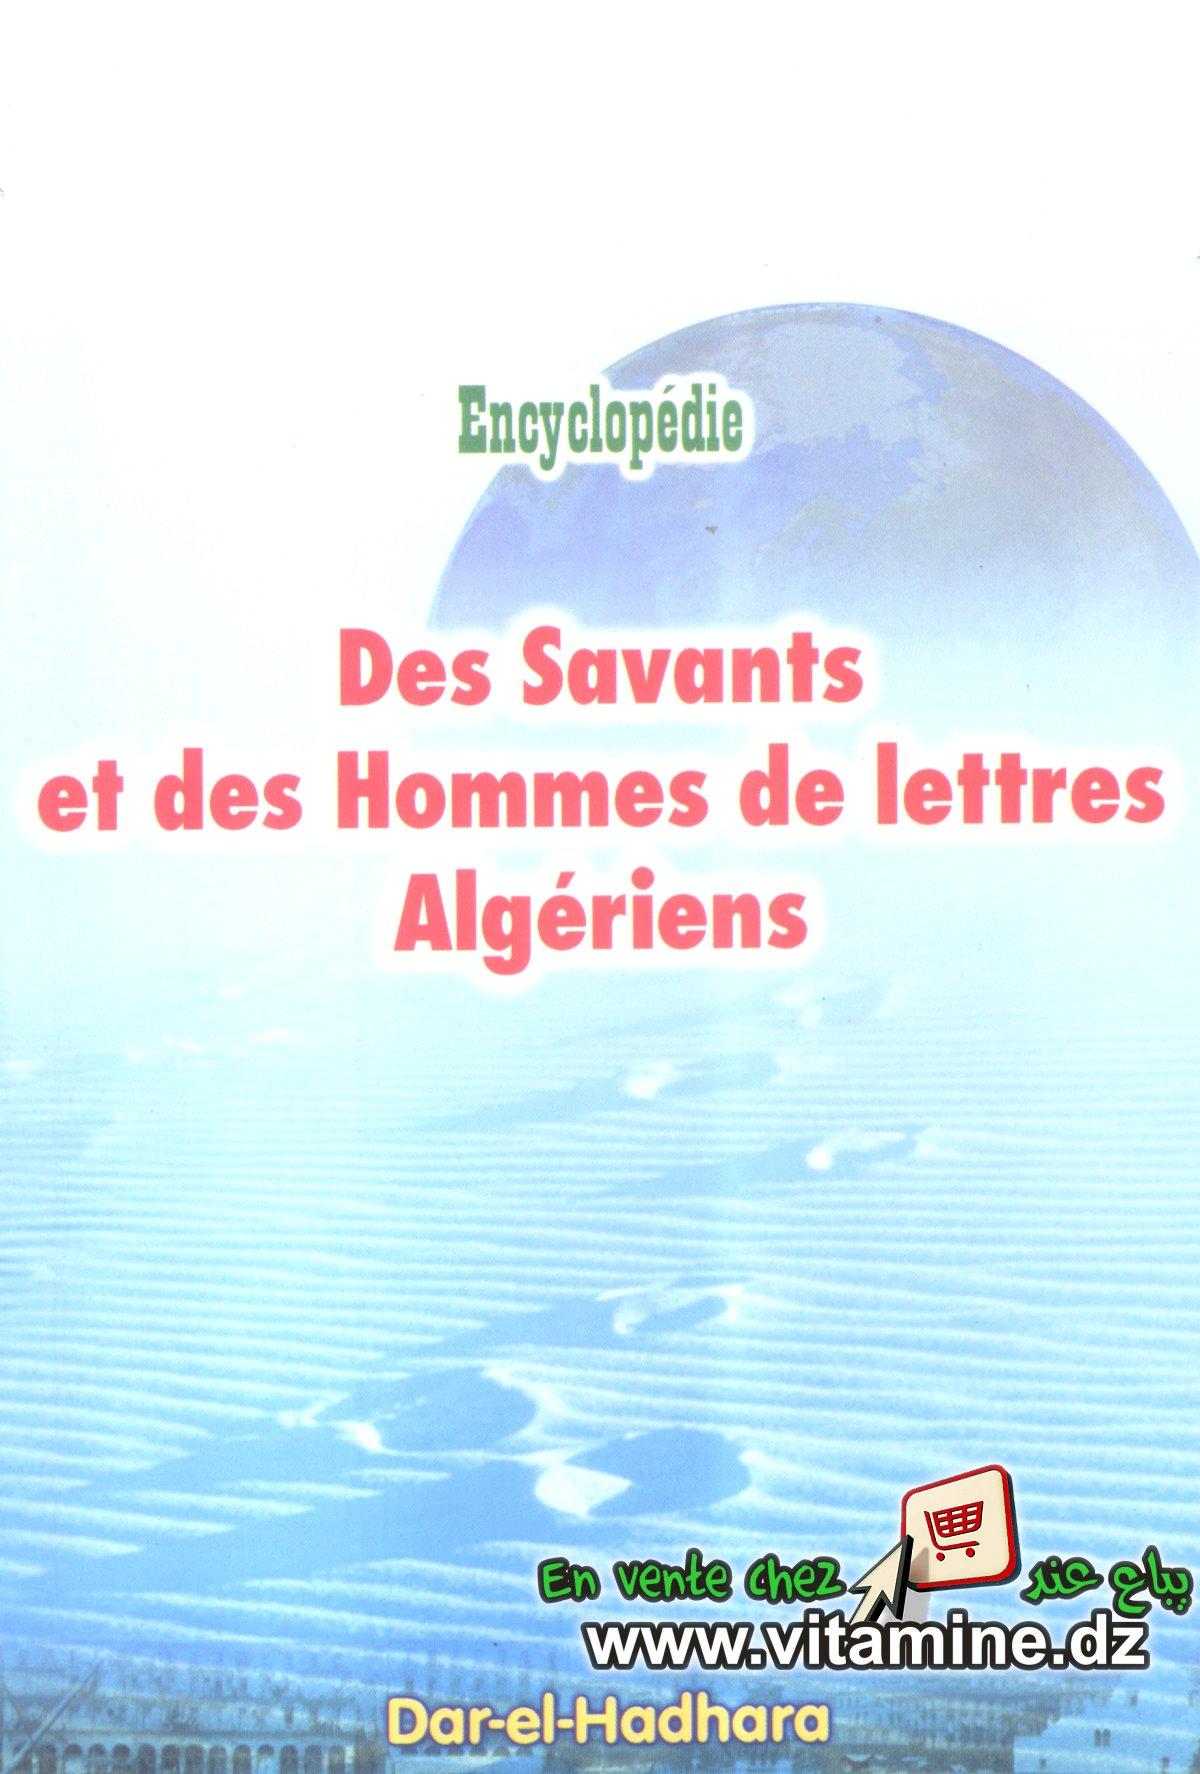 Encyclopédie des Savants et des Hommes de Lettres Algériens - Dar El-Hadhara